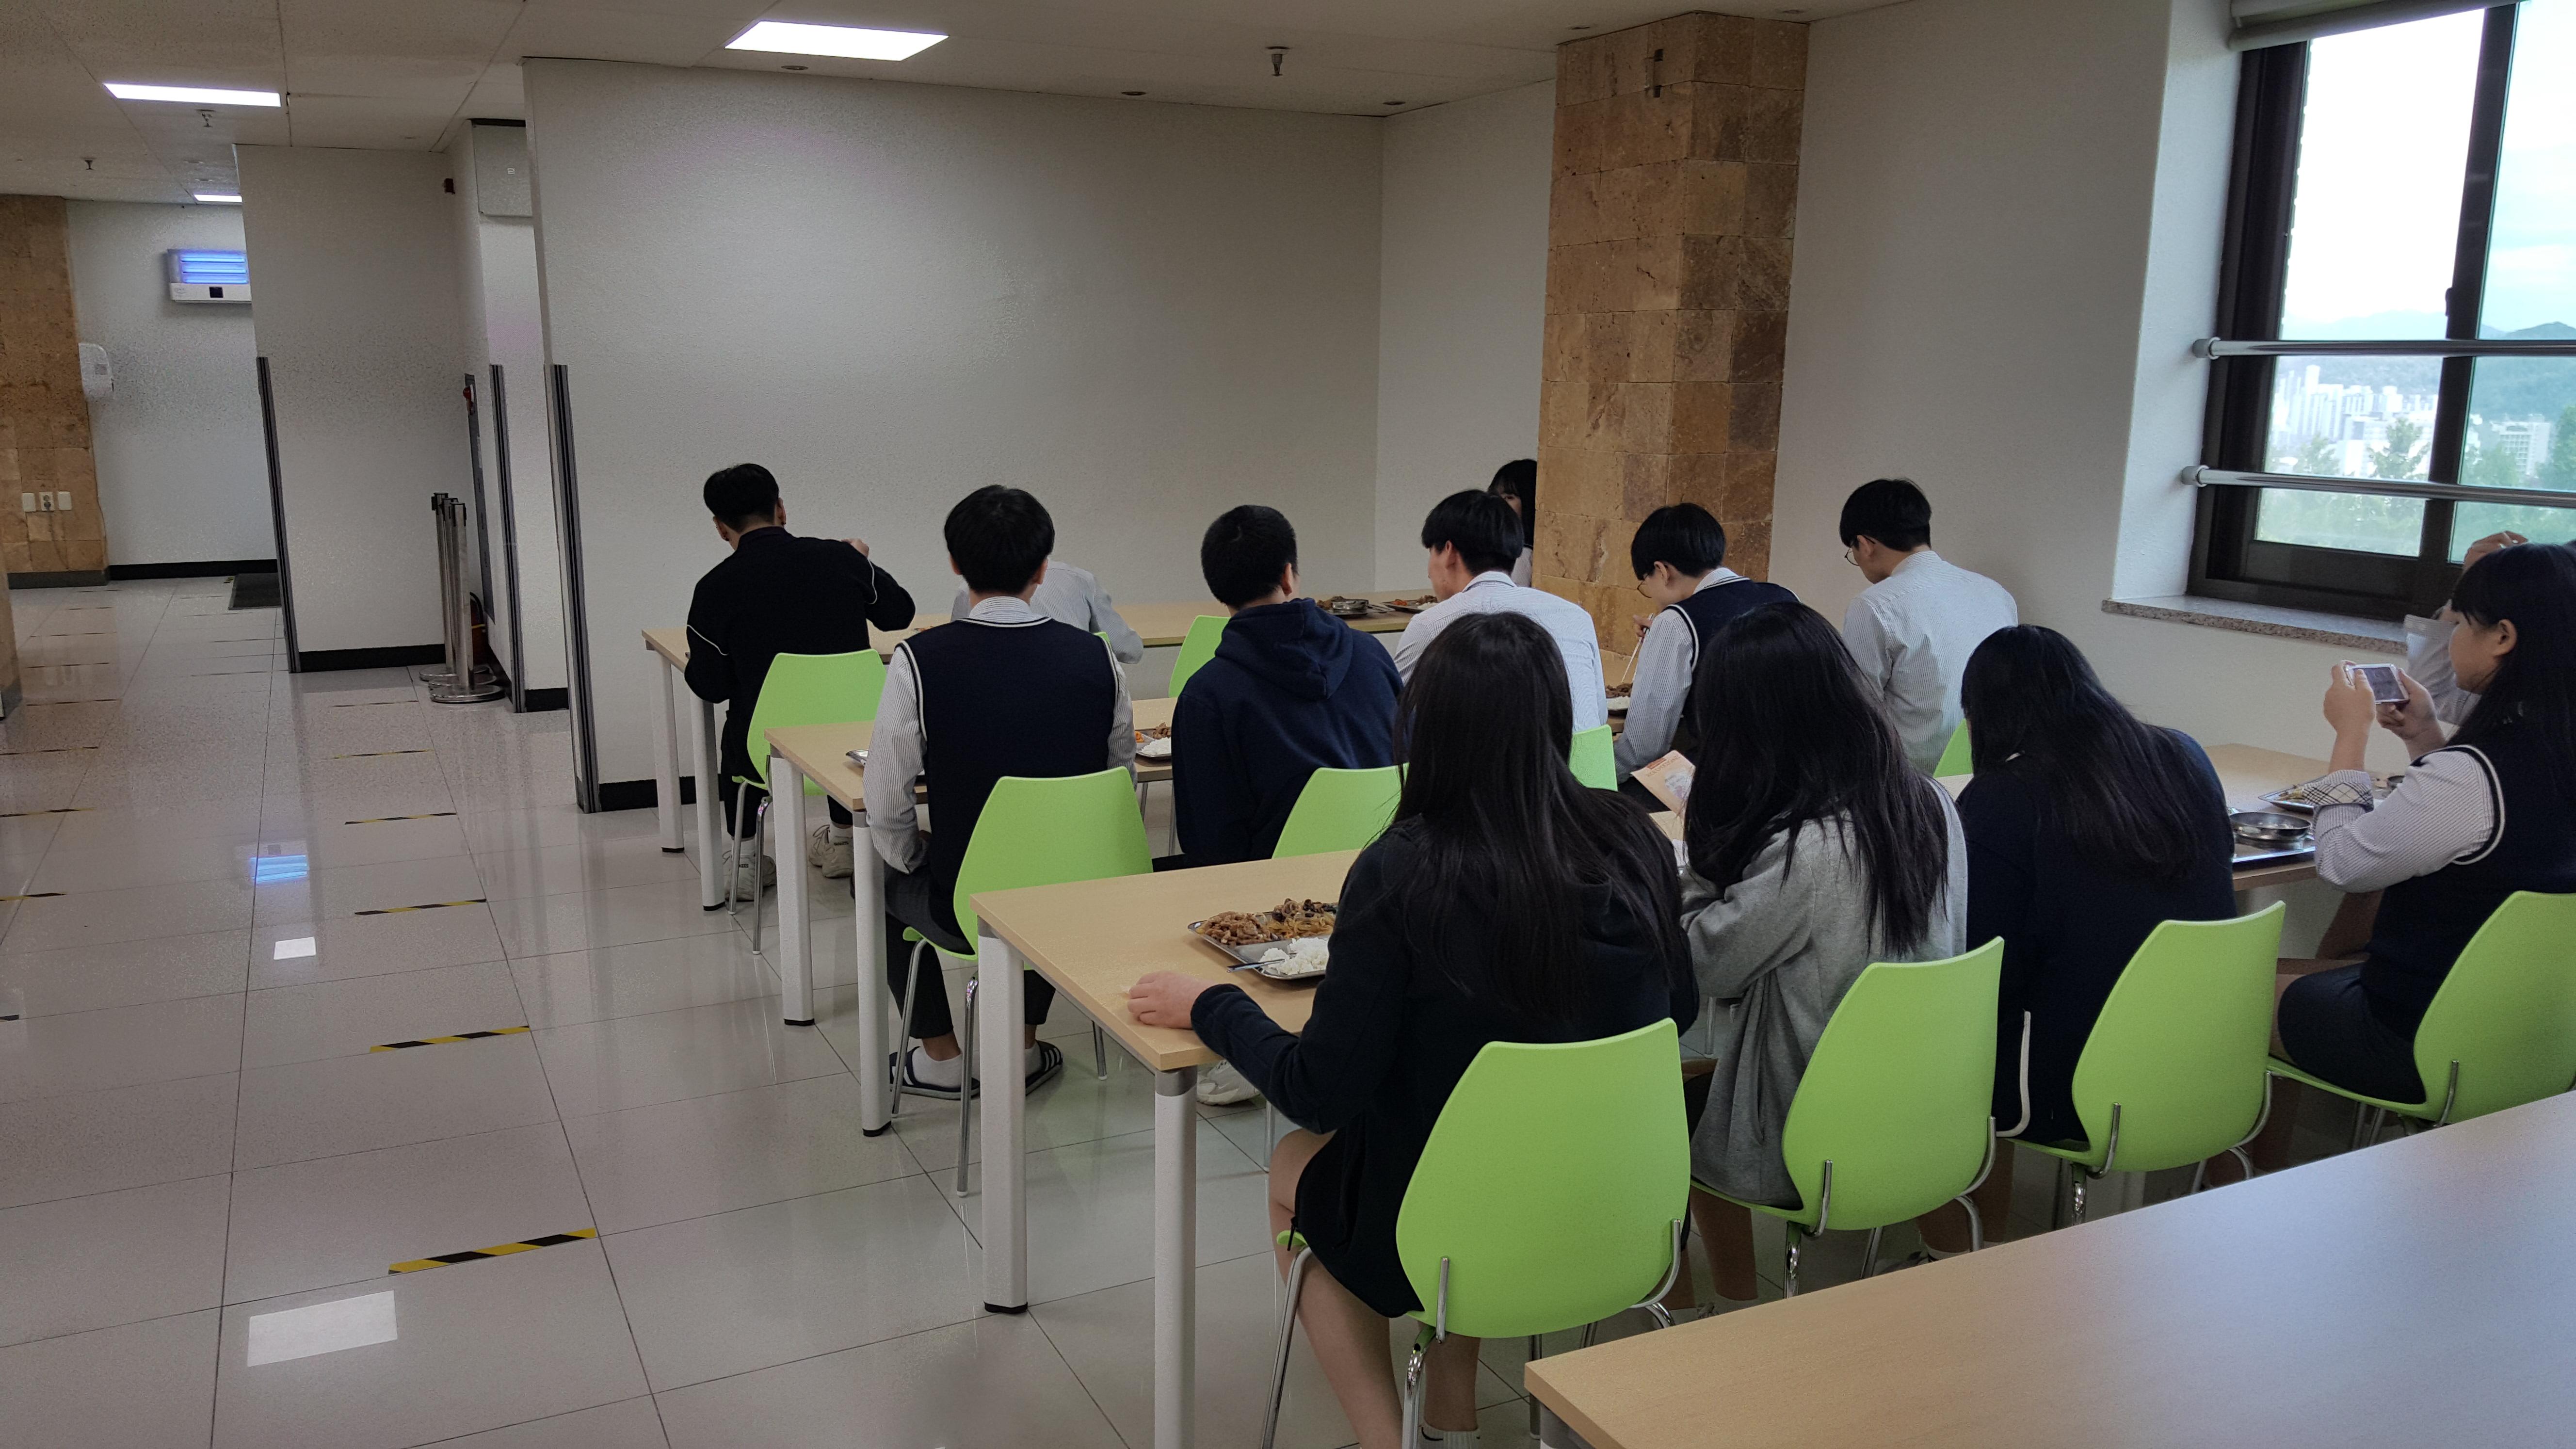 3학년 등교 개학 점심식사(한 방향 앉기 실천)